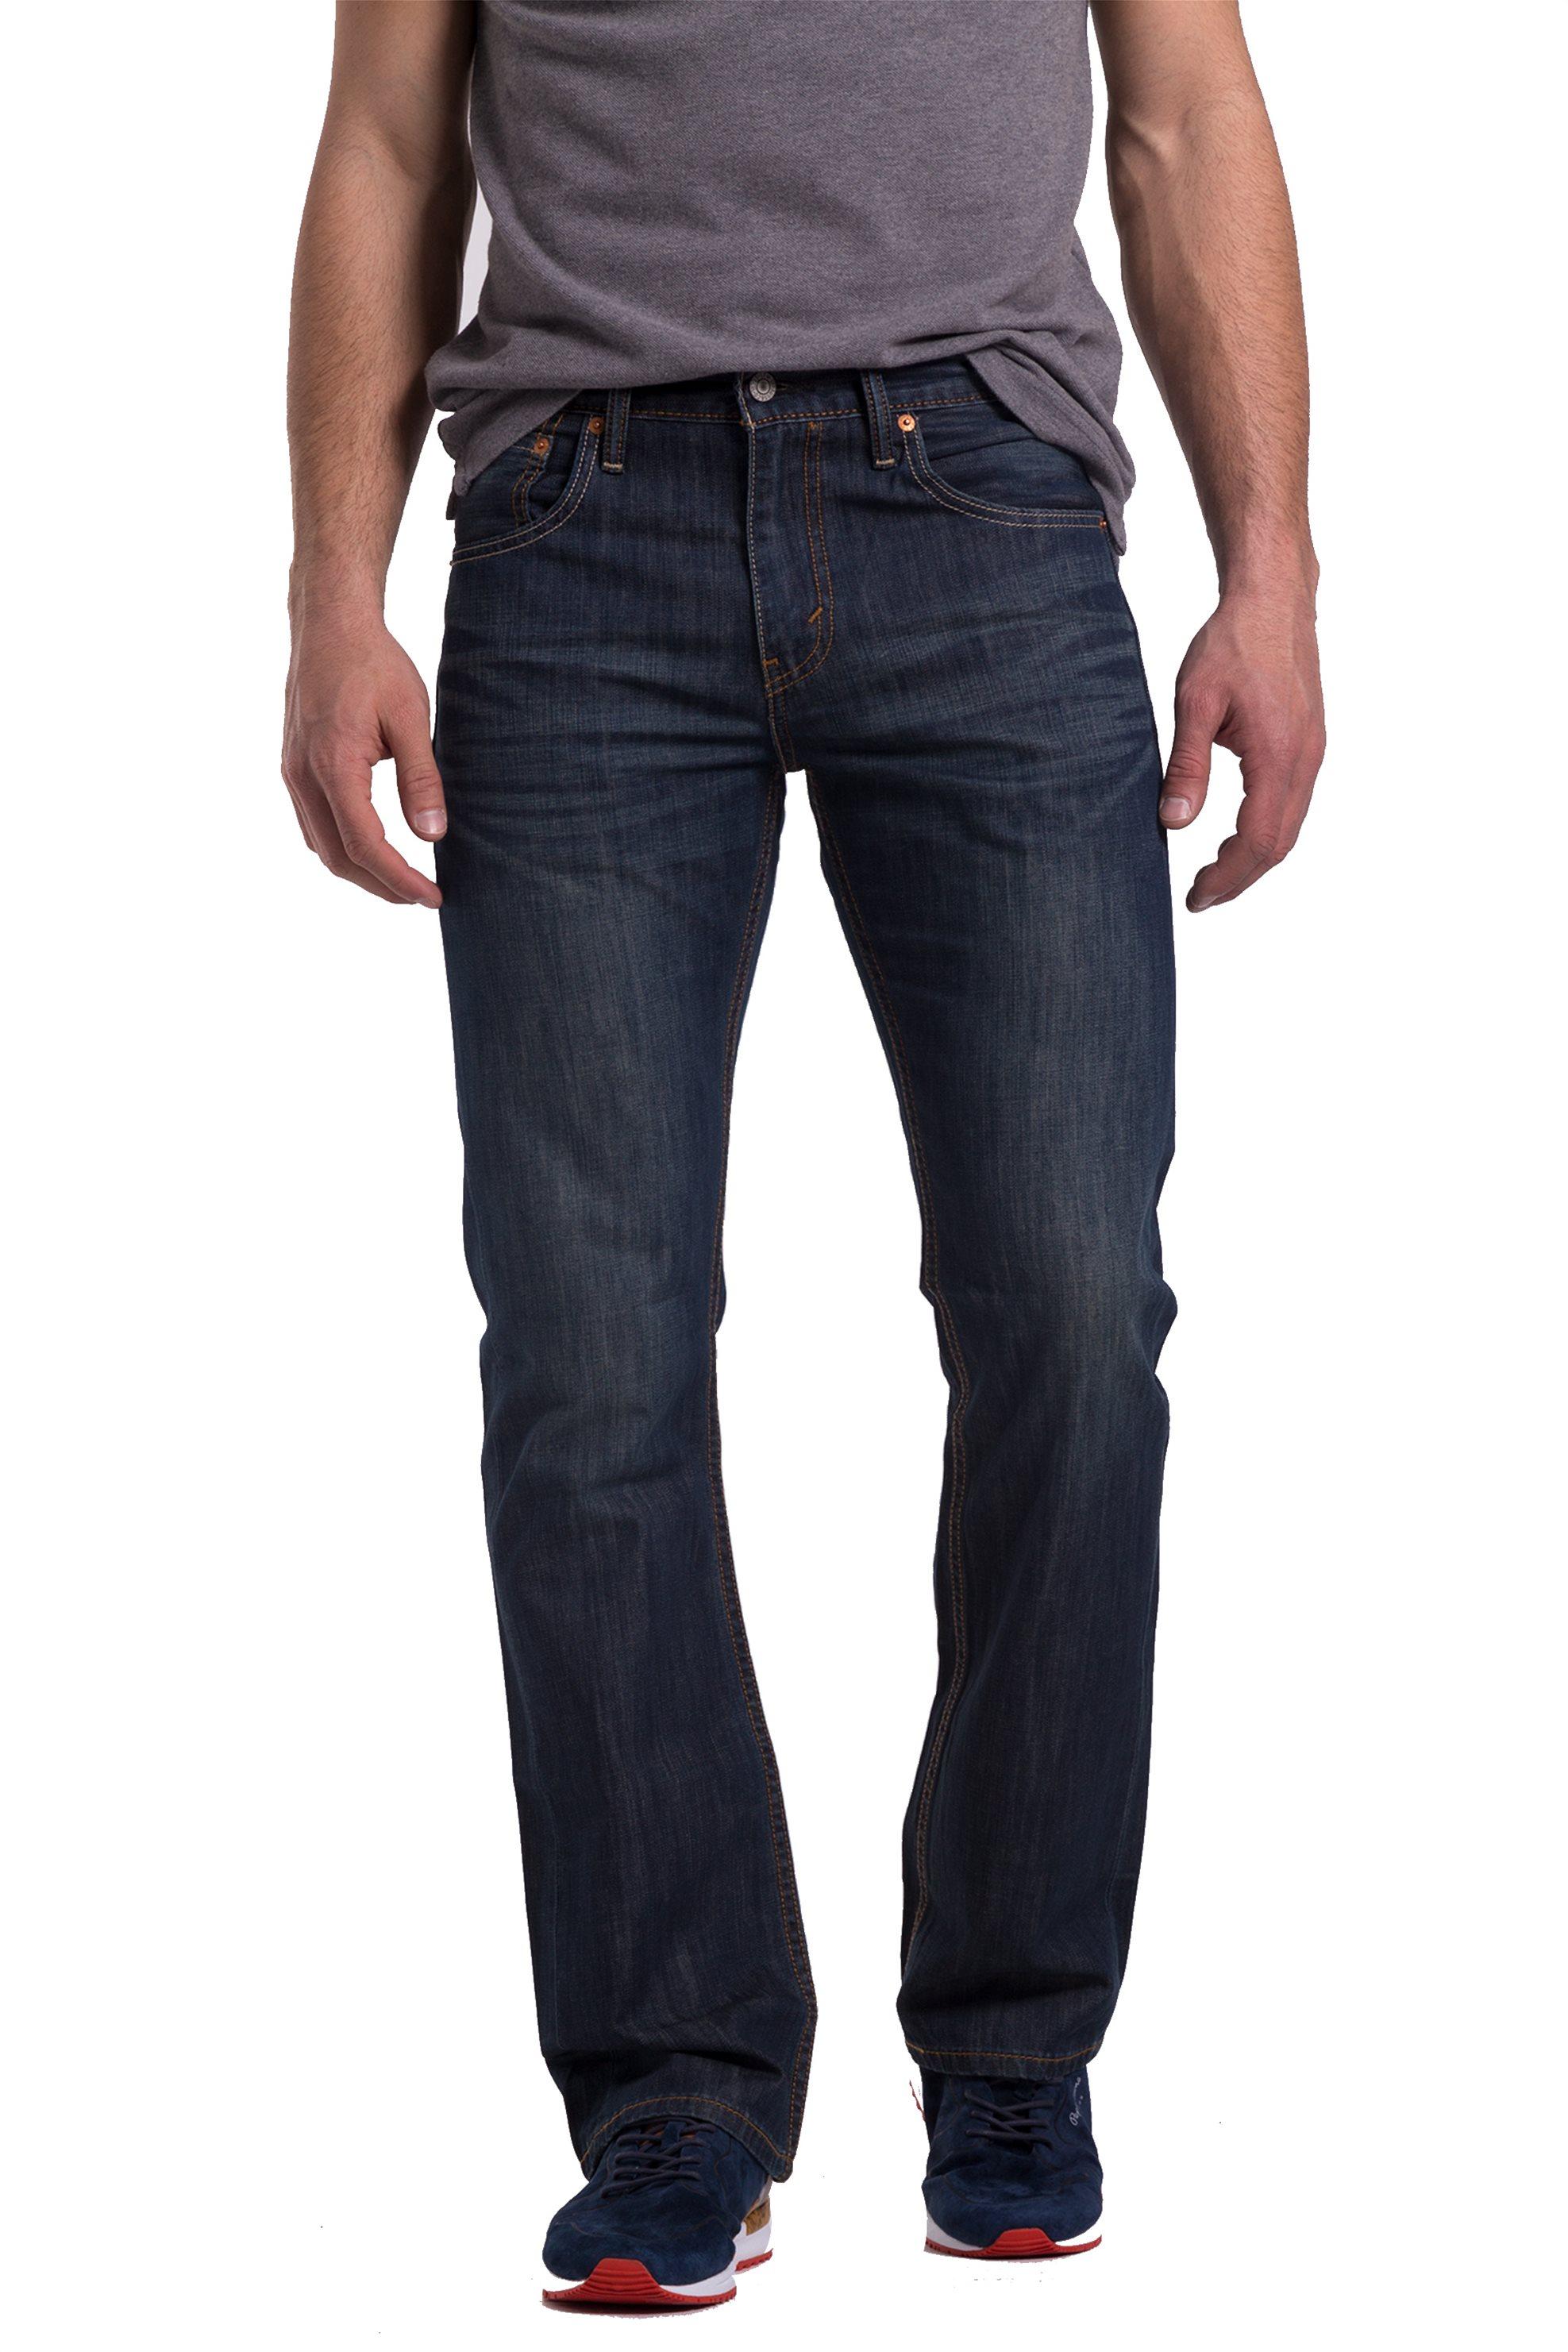 Update   Βισκόζ παντελόνι σαλβάρι φλοράλ με τσέπες. - GoldenShopping.gr 4ea273713e6